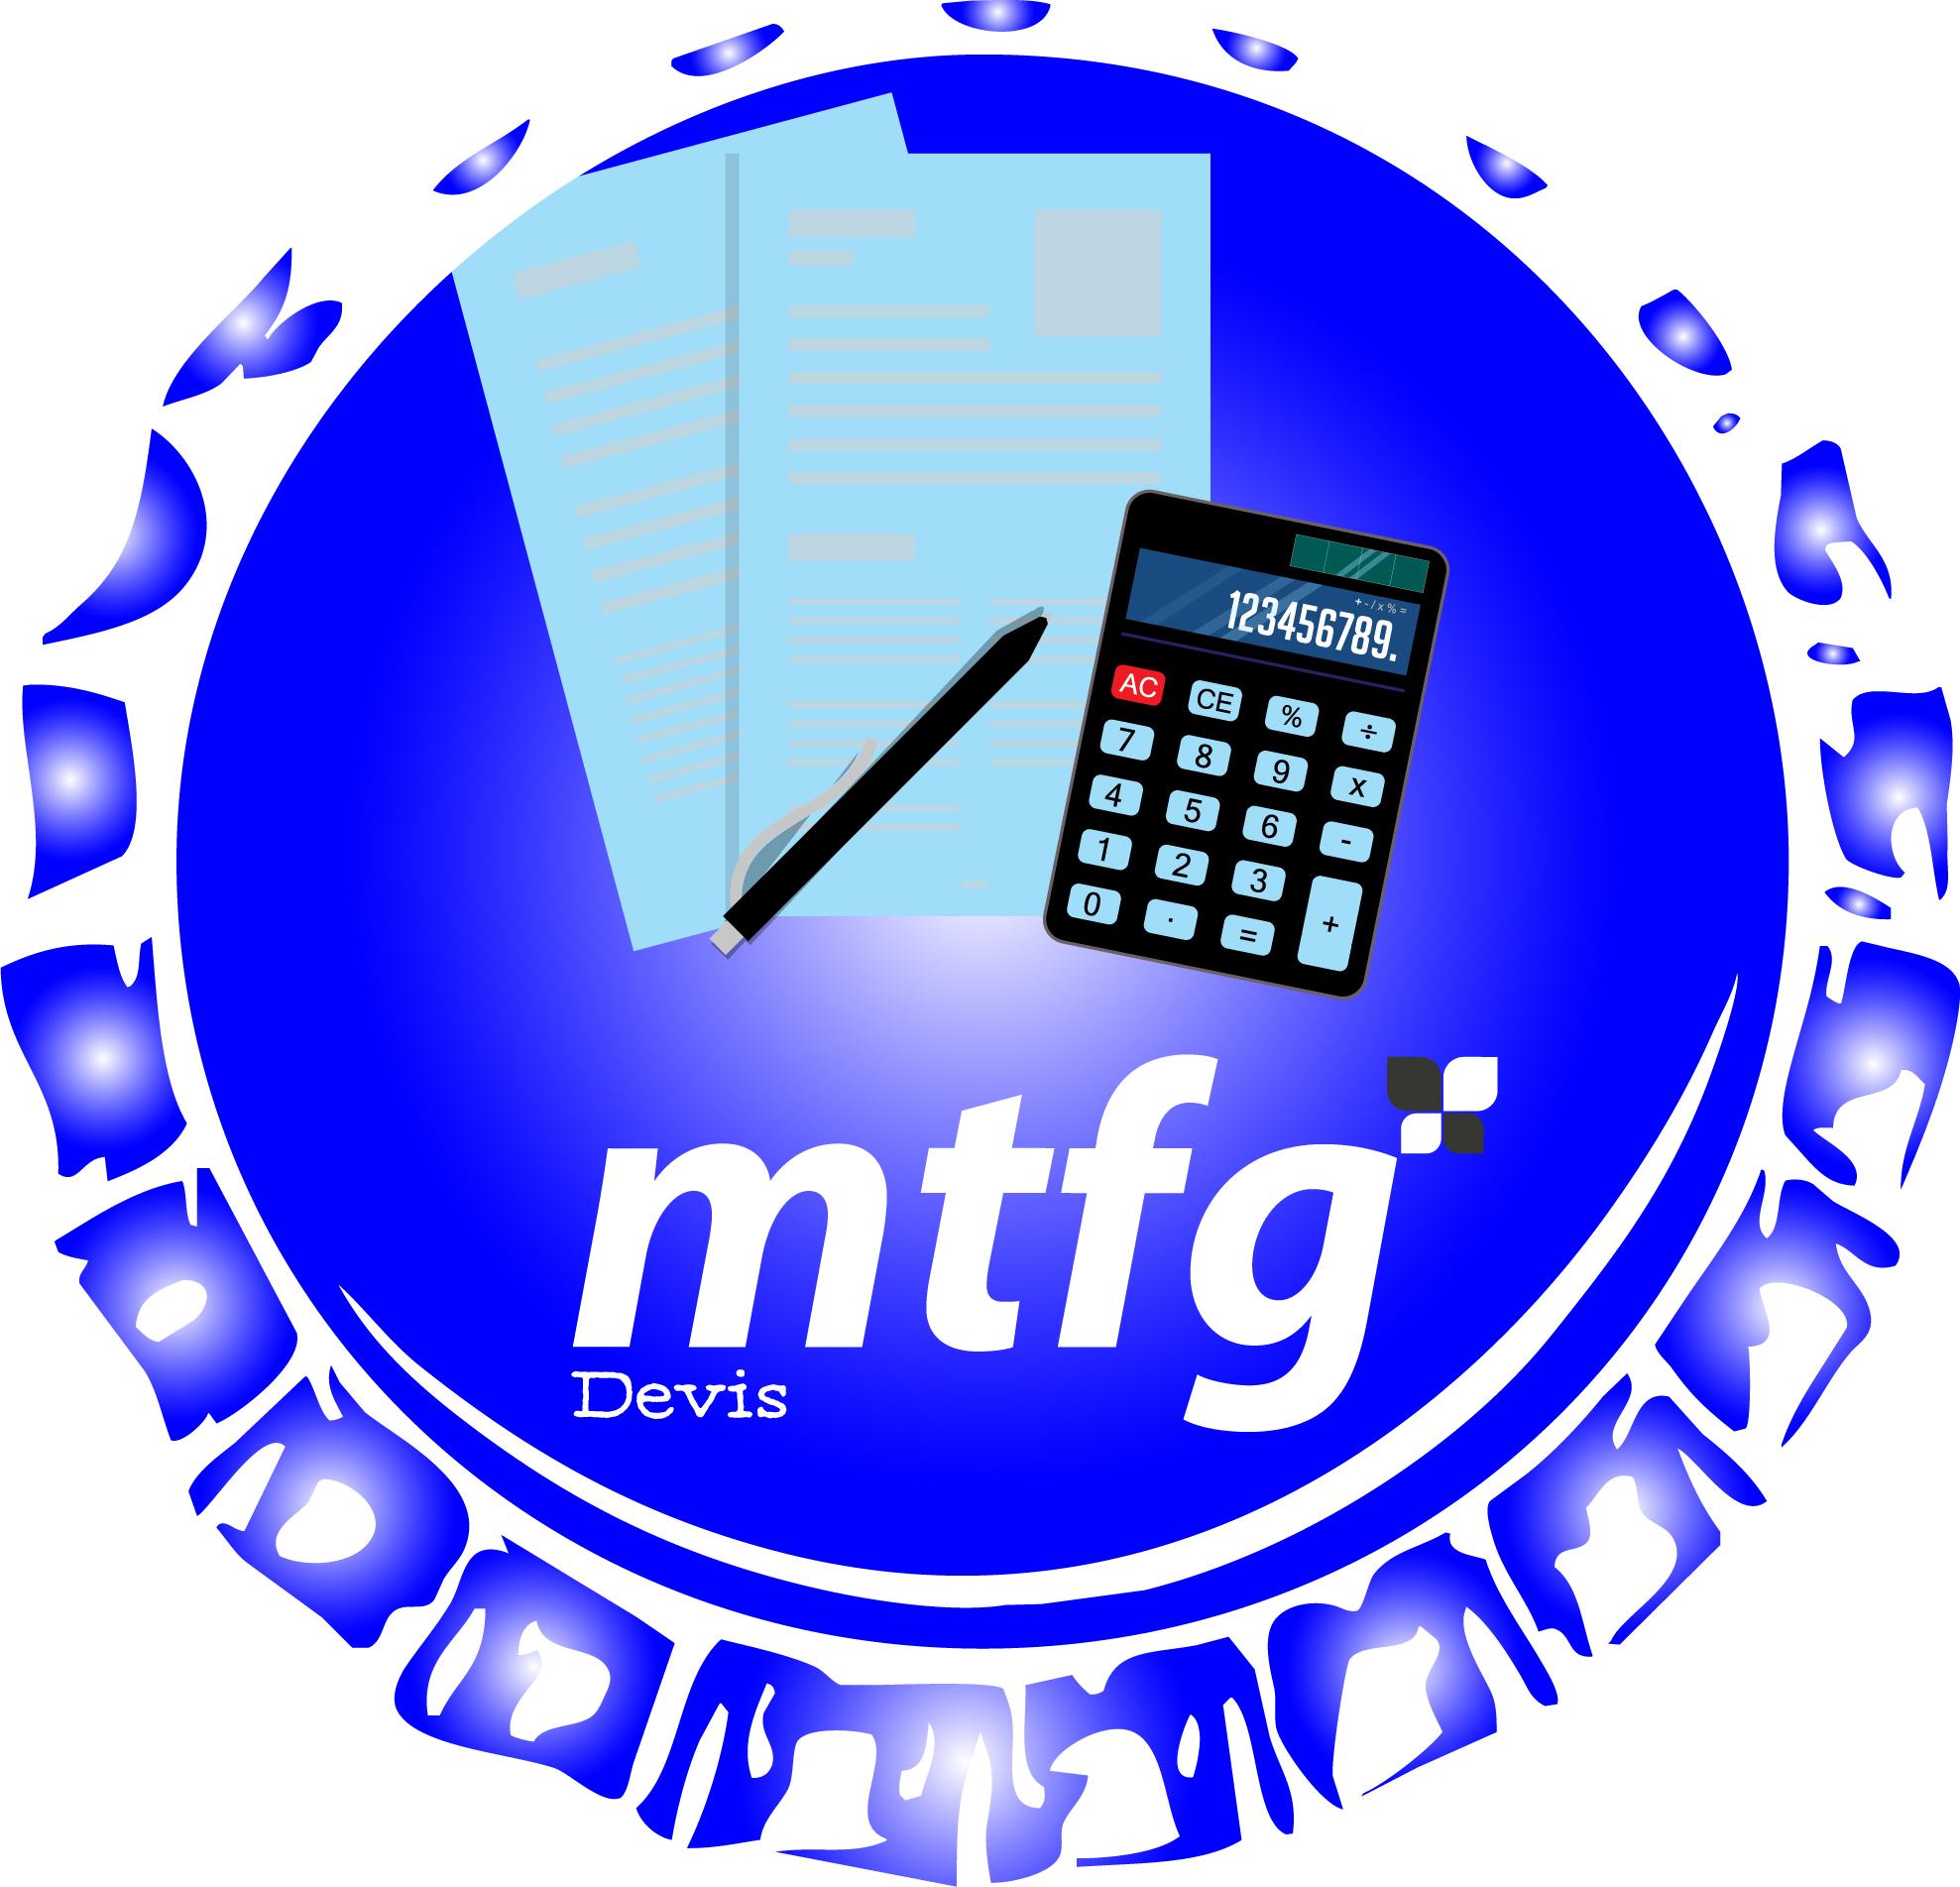 MTFG Devis